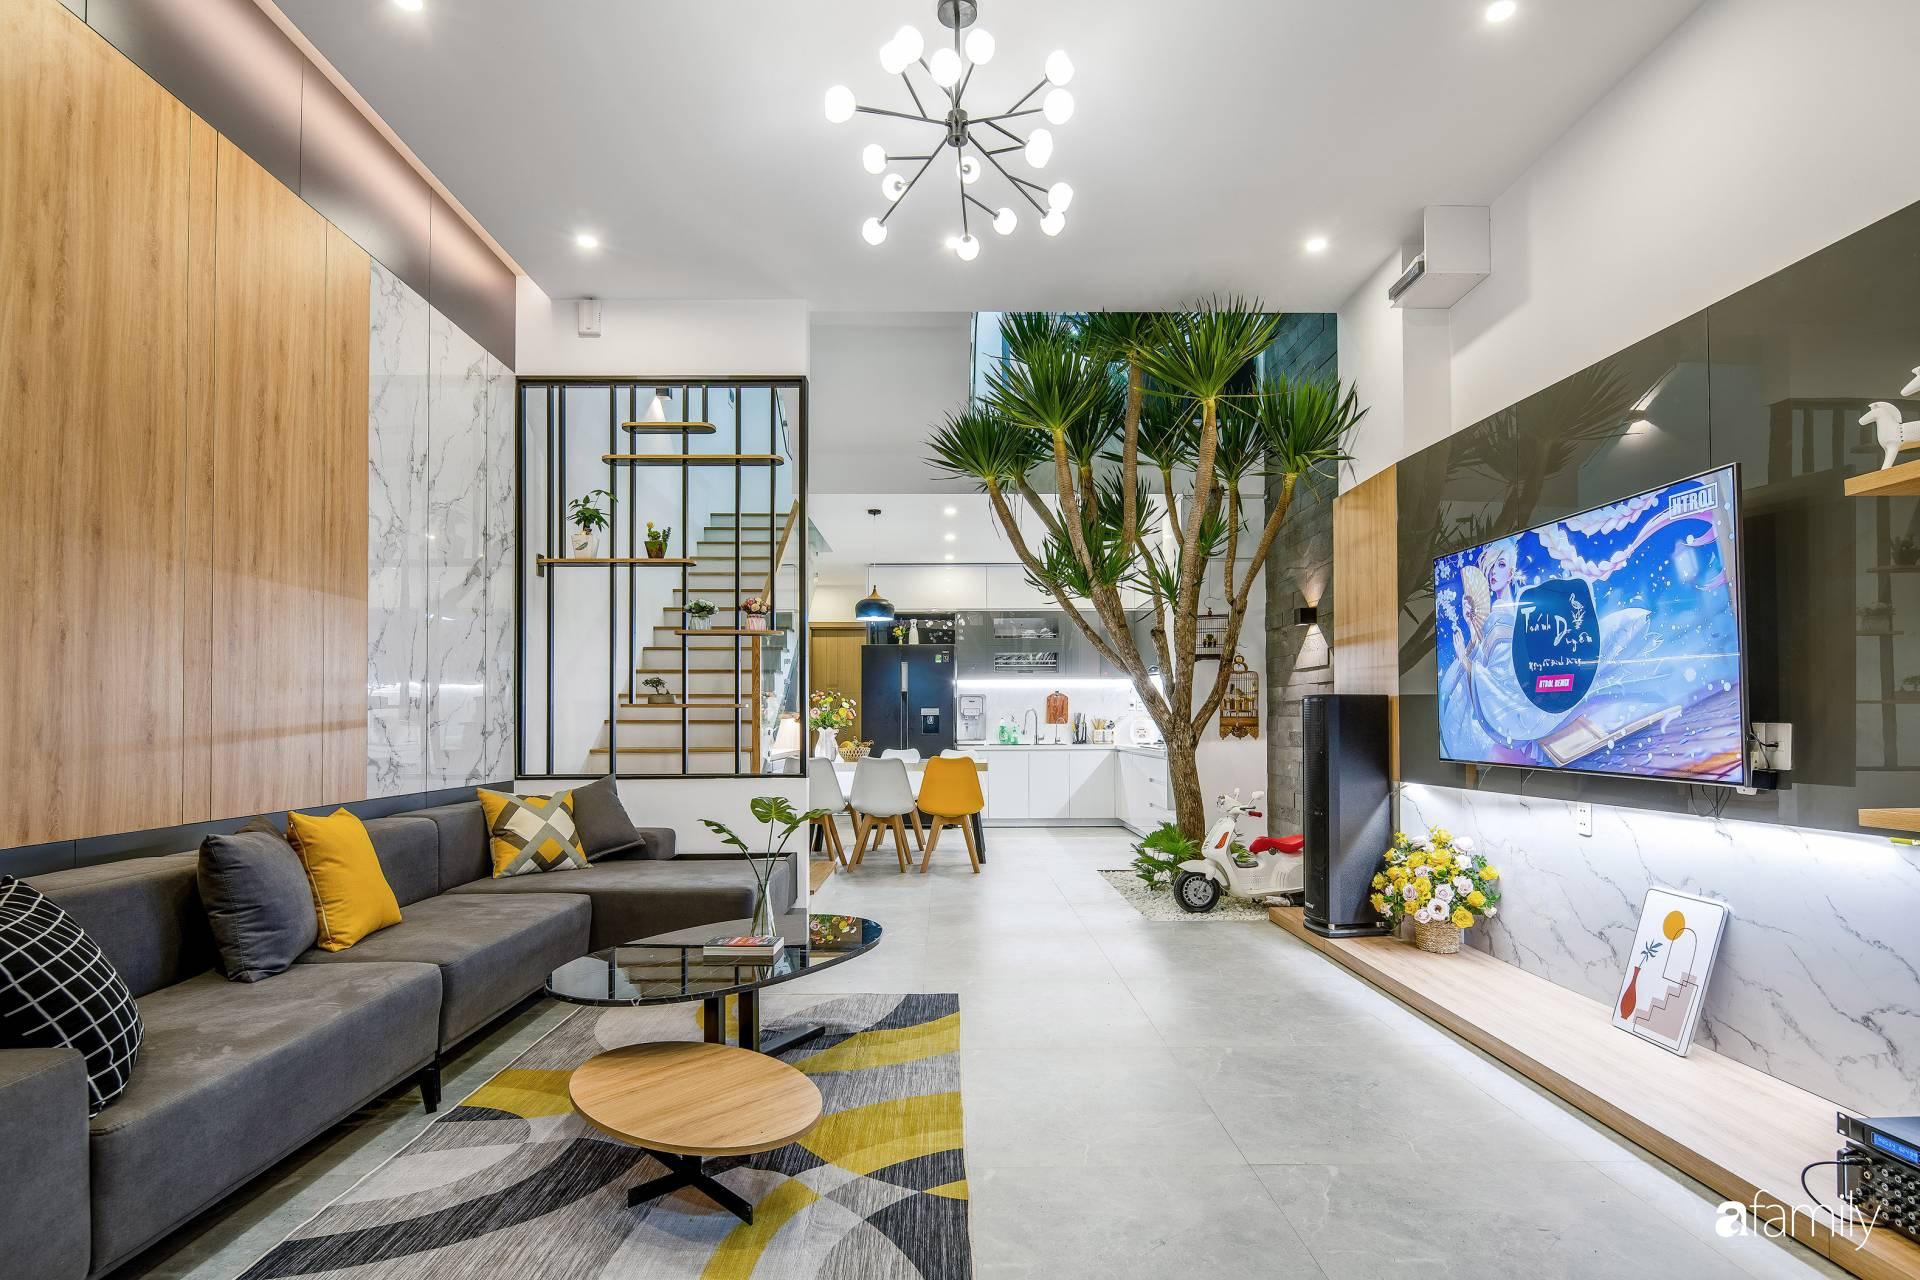 Ngôi nhà 100m2 thiết kế thông minh, tiện lợi dành cho gia đình 3 thế hệ ở Đà Nẵng - Ảnh 7.